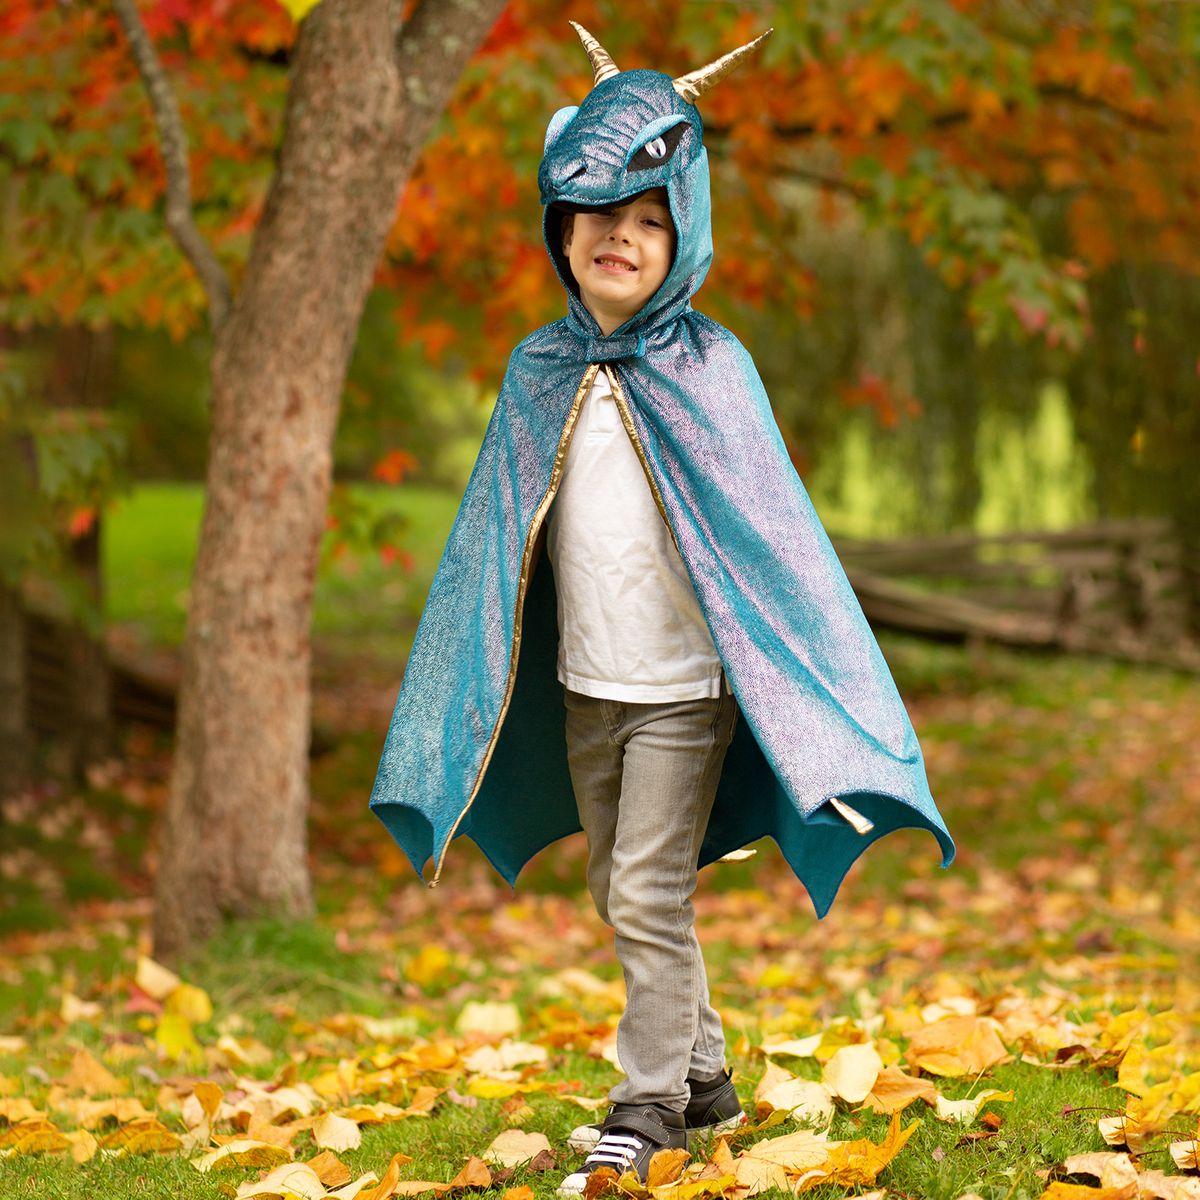 Drachen Kostüm für Kinder Sternennacht blau metallic 5-6 Jahre Drachenumhang Geburtstag Kinderfasching Karneval